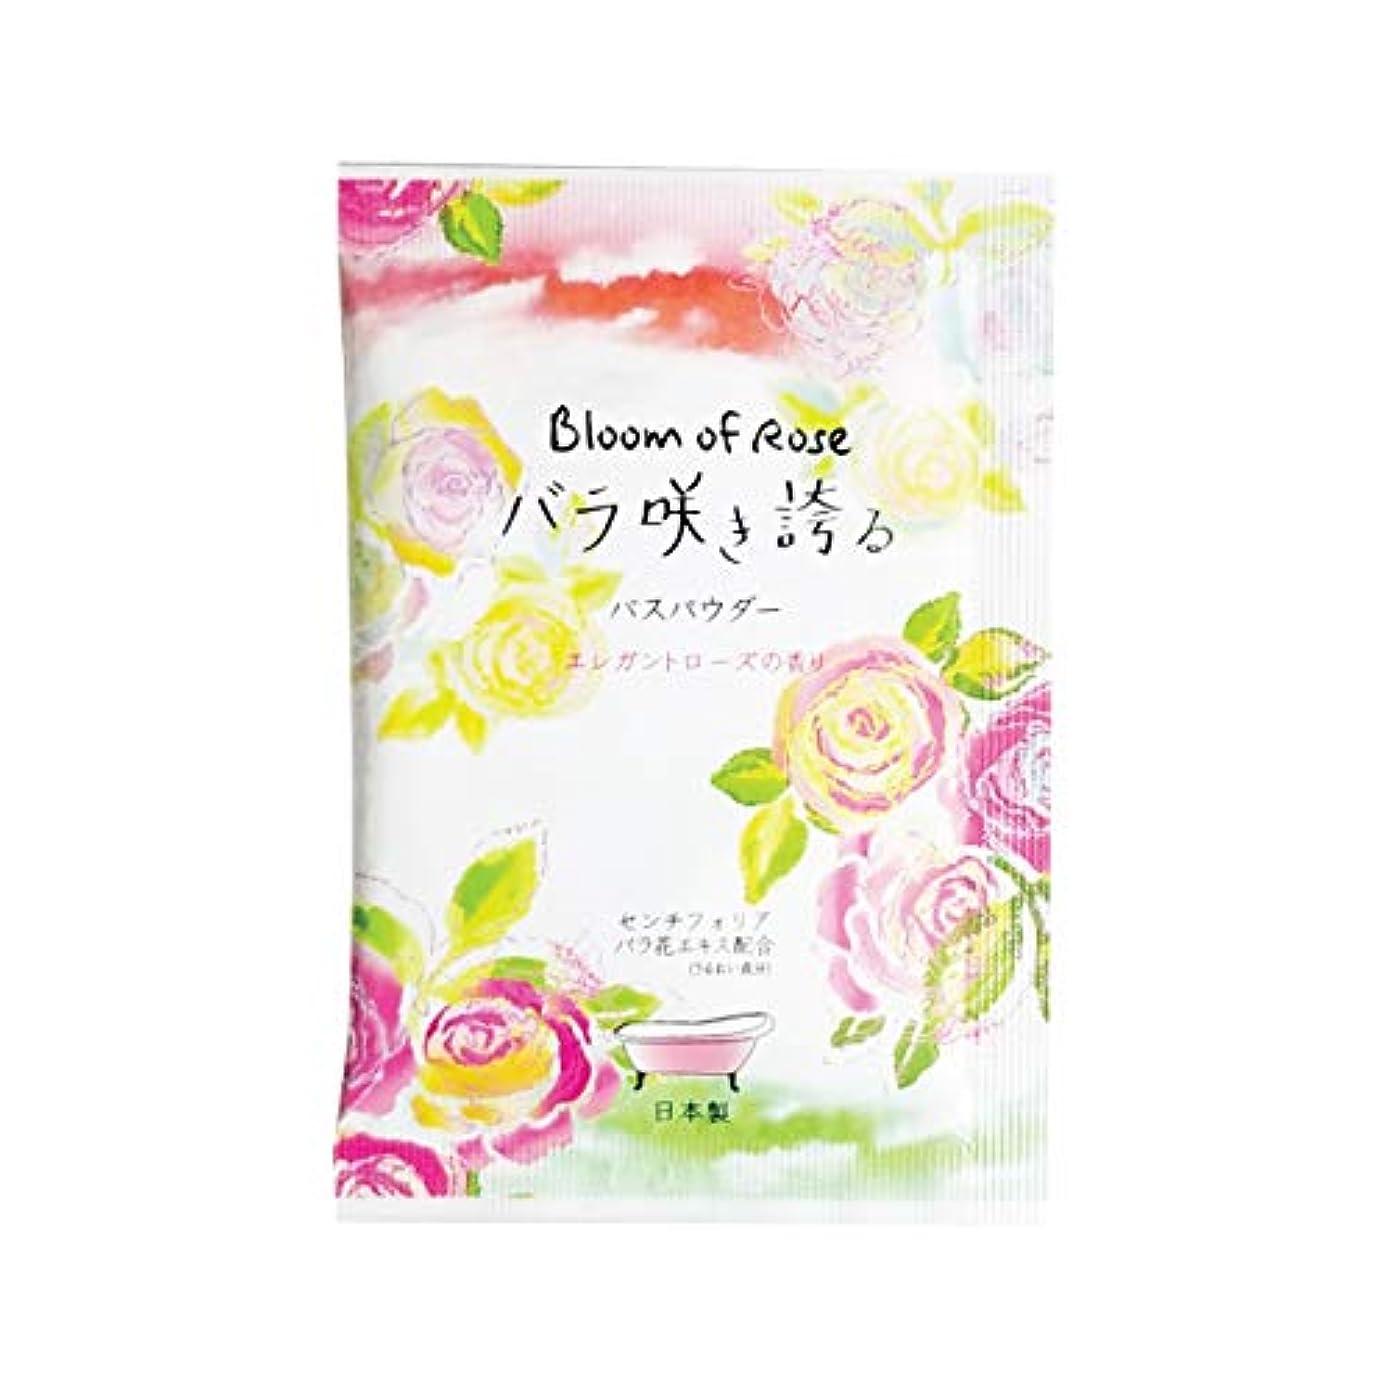 アンペア篭メイトBloom of Rose バラ咲き誇る入浴剤 200個